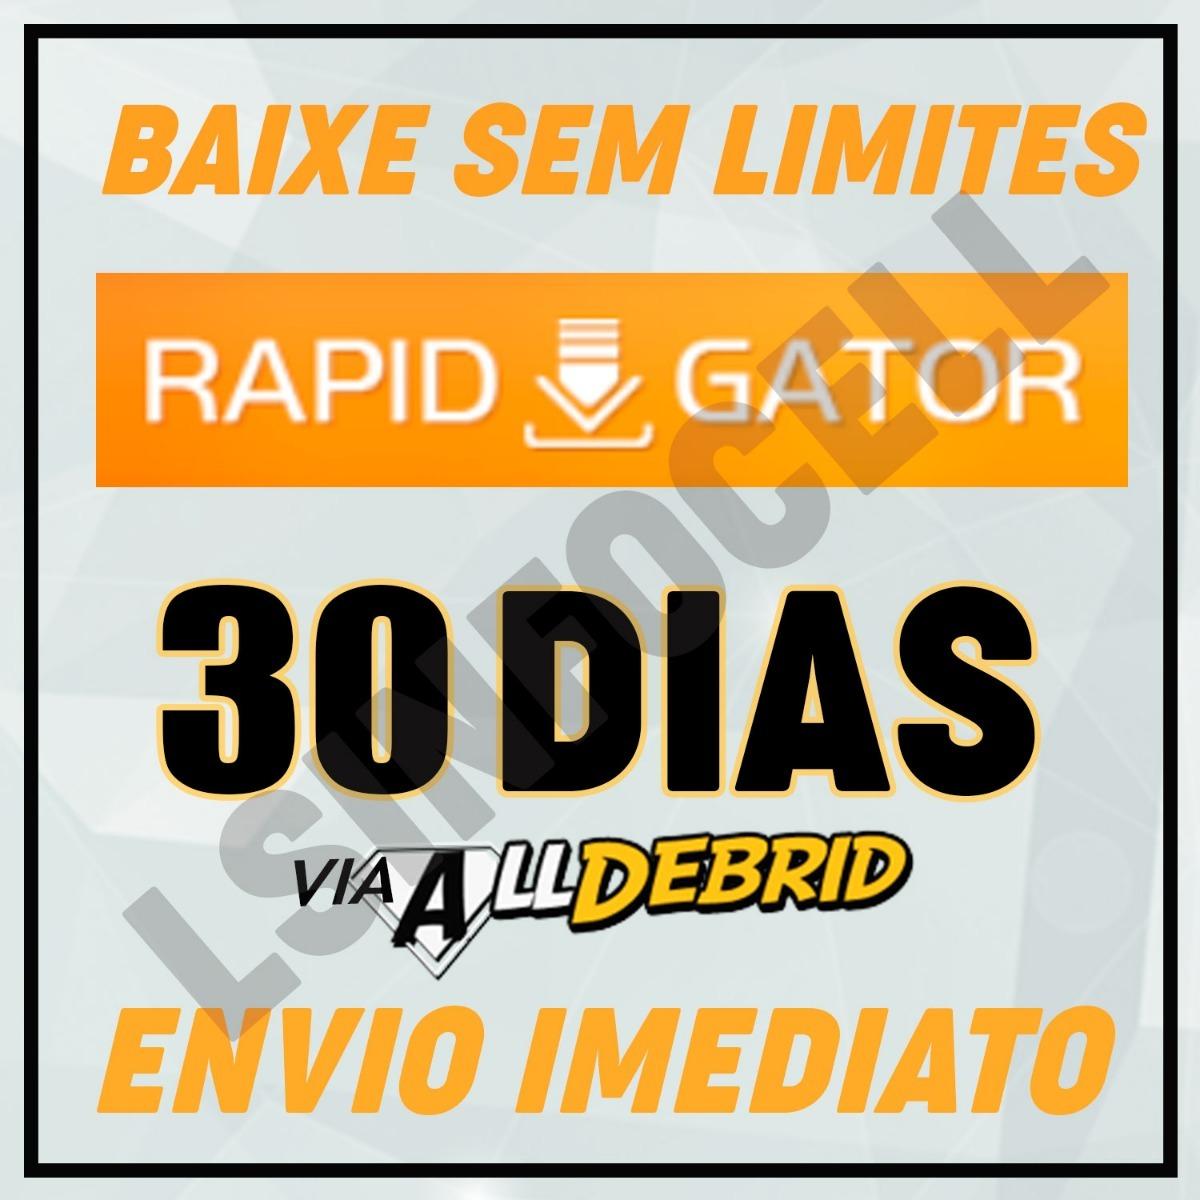 Rapidgator Via Alldebrid + 100 Contas Premium 30 Dias